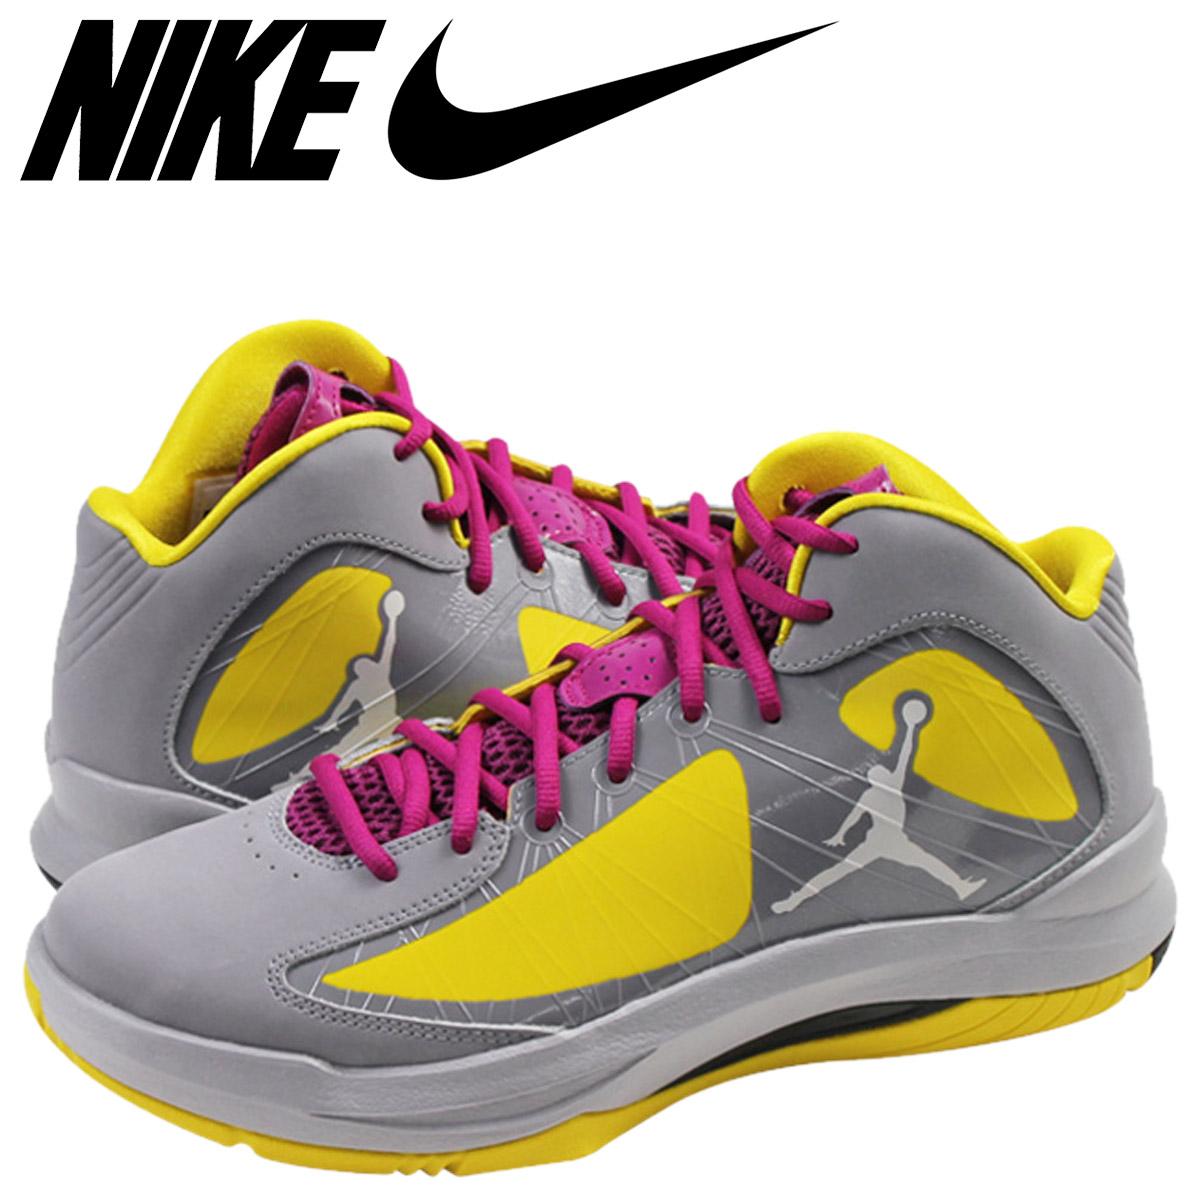 a9bab7b28ca6 NIKE AIR JORDAN AERO FLIGHT Nike Air Jordan Aero flight sneakers men gray  524